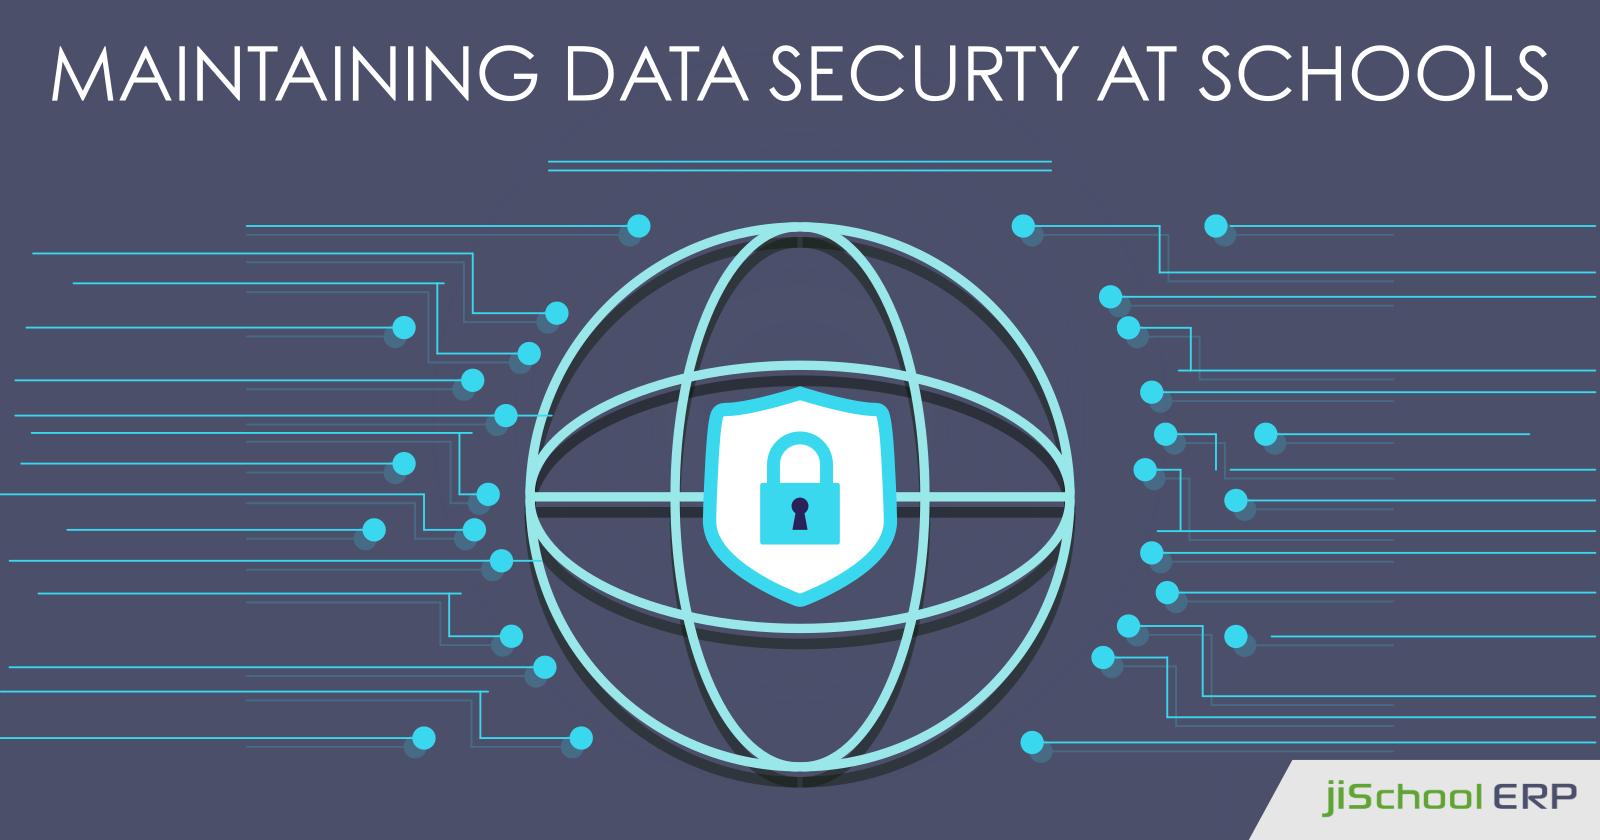 How jiSchoolERP Helps Schools in Maintaining Data Security?